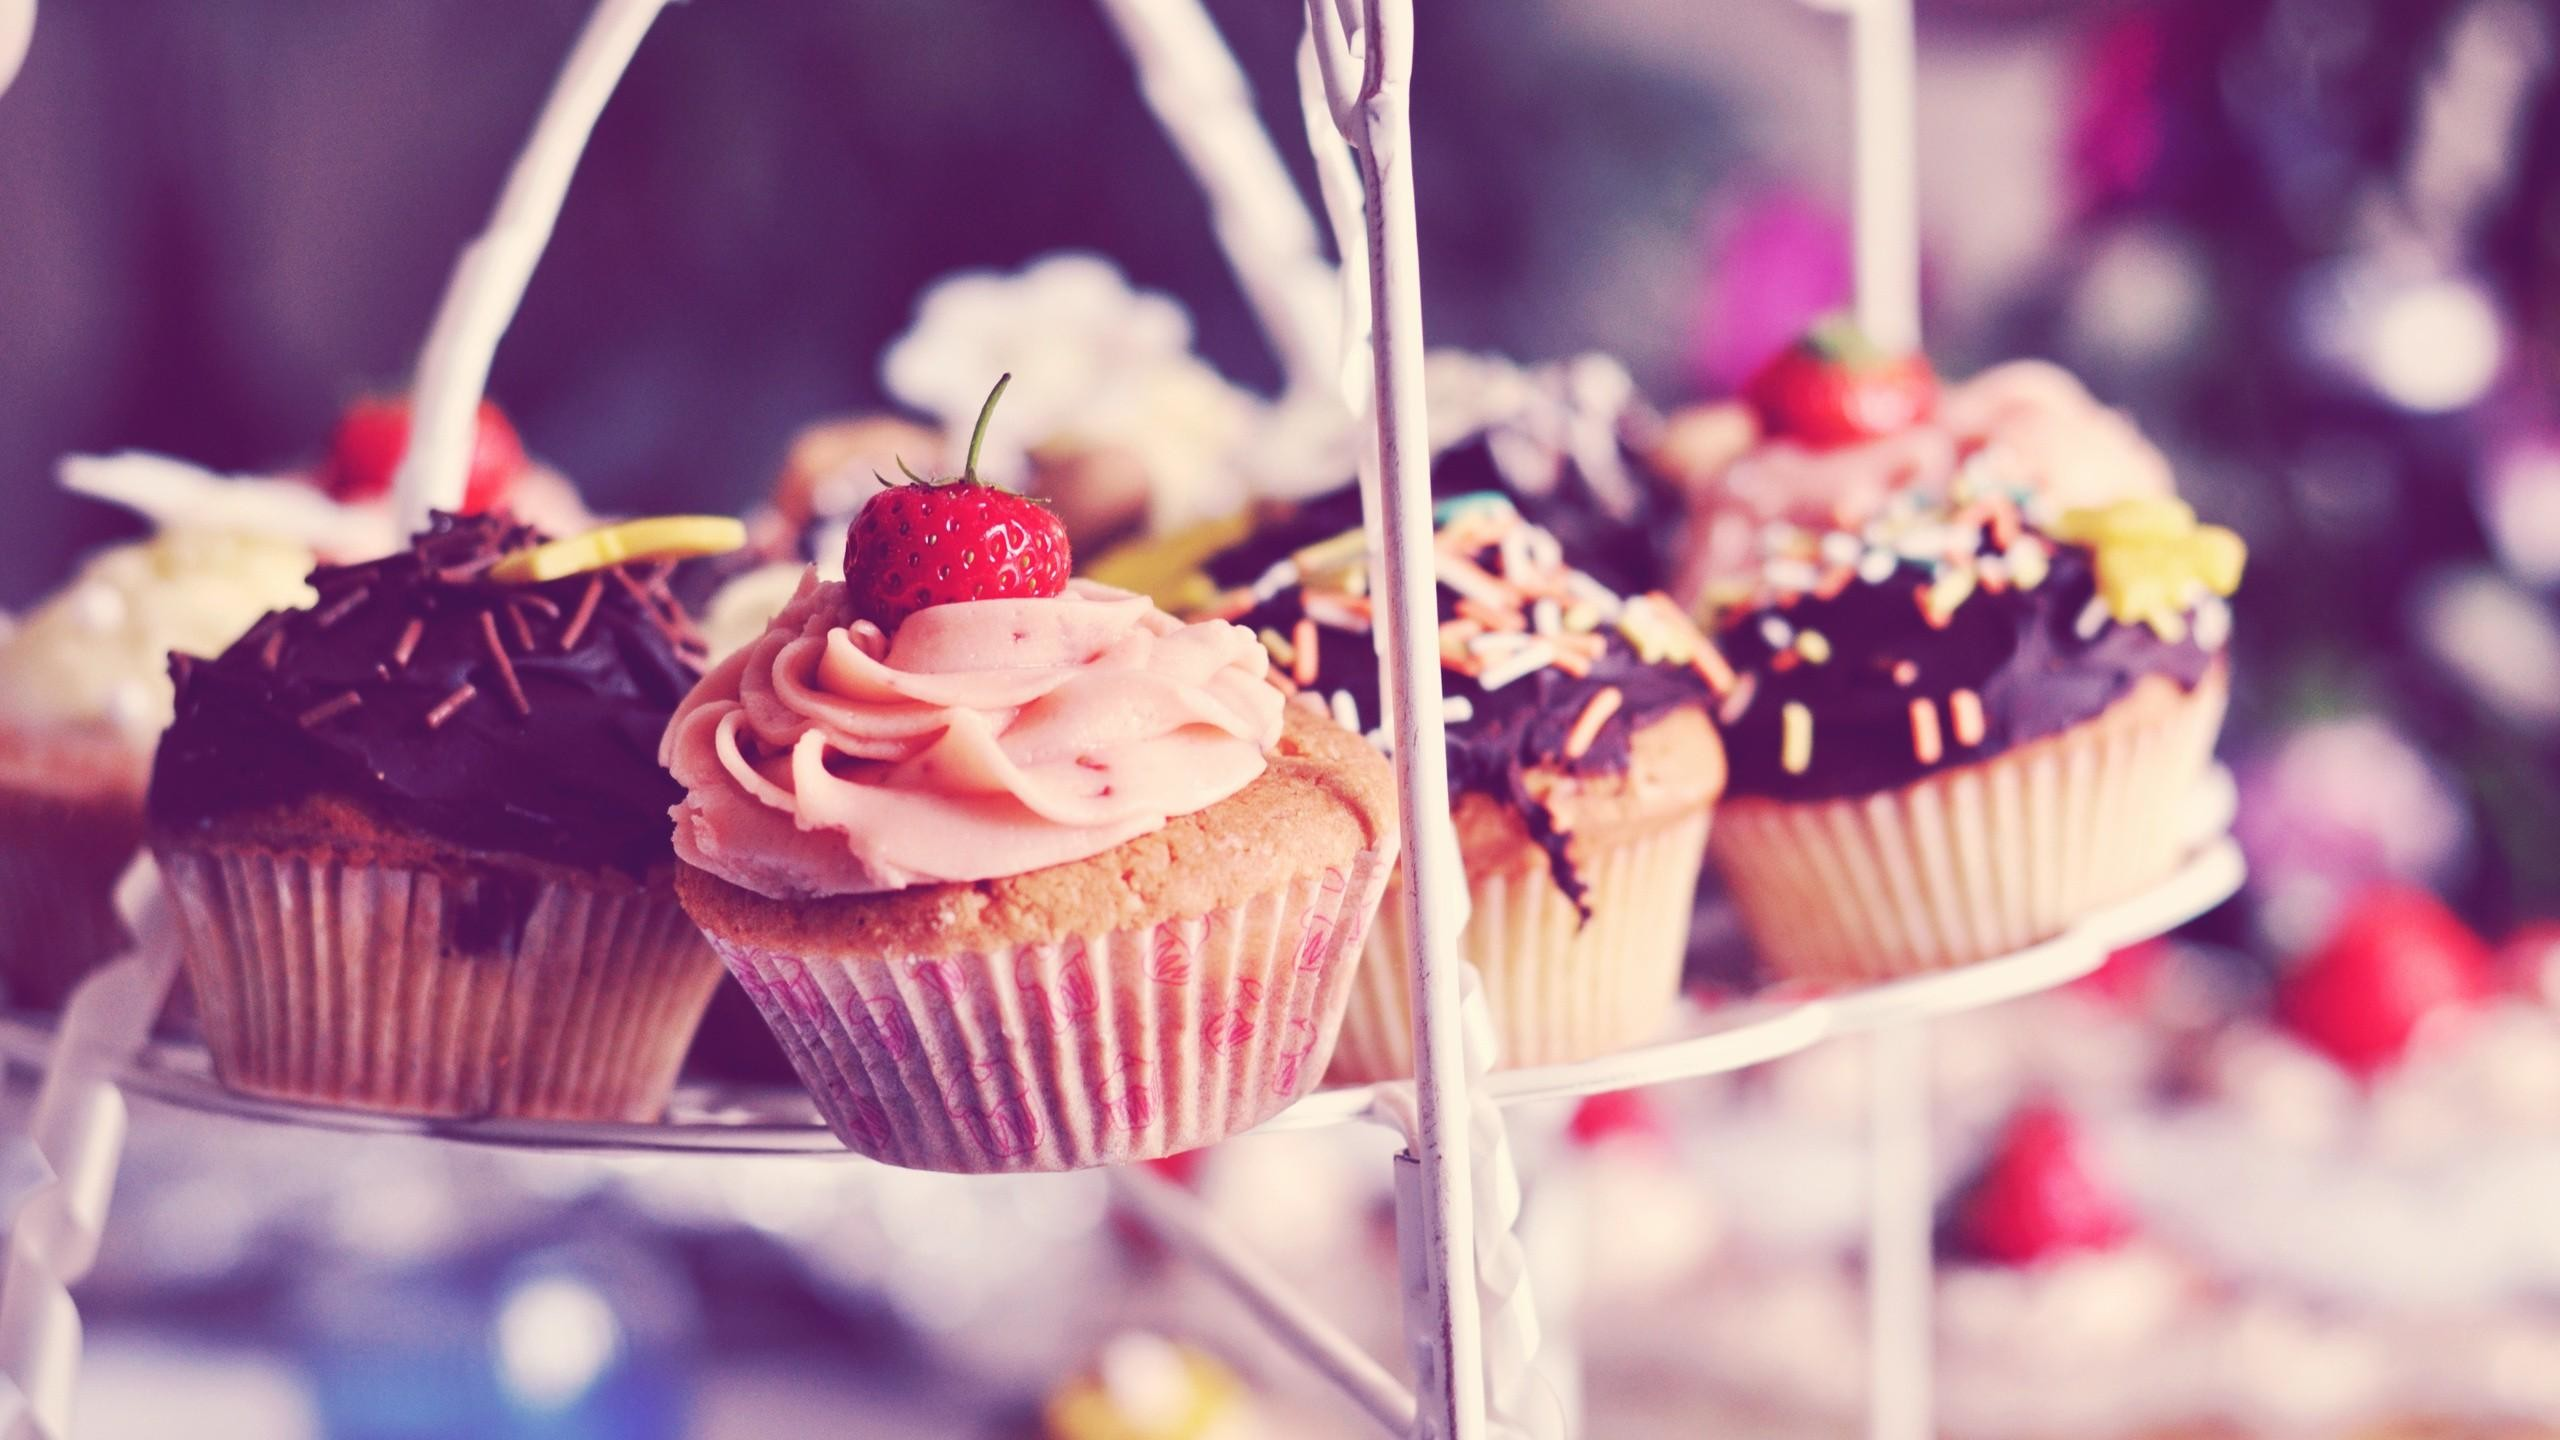 cute cupcake wallpaper (55+ images)